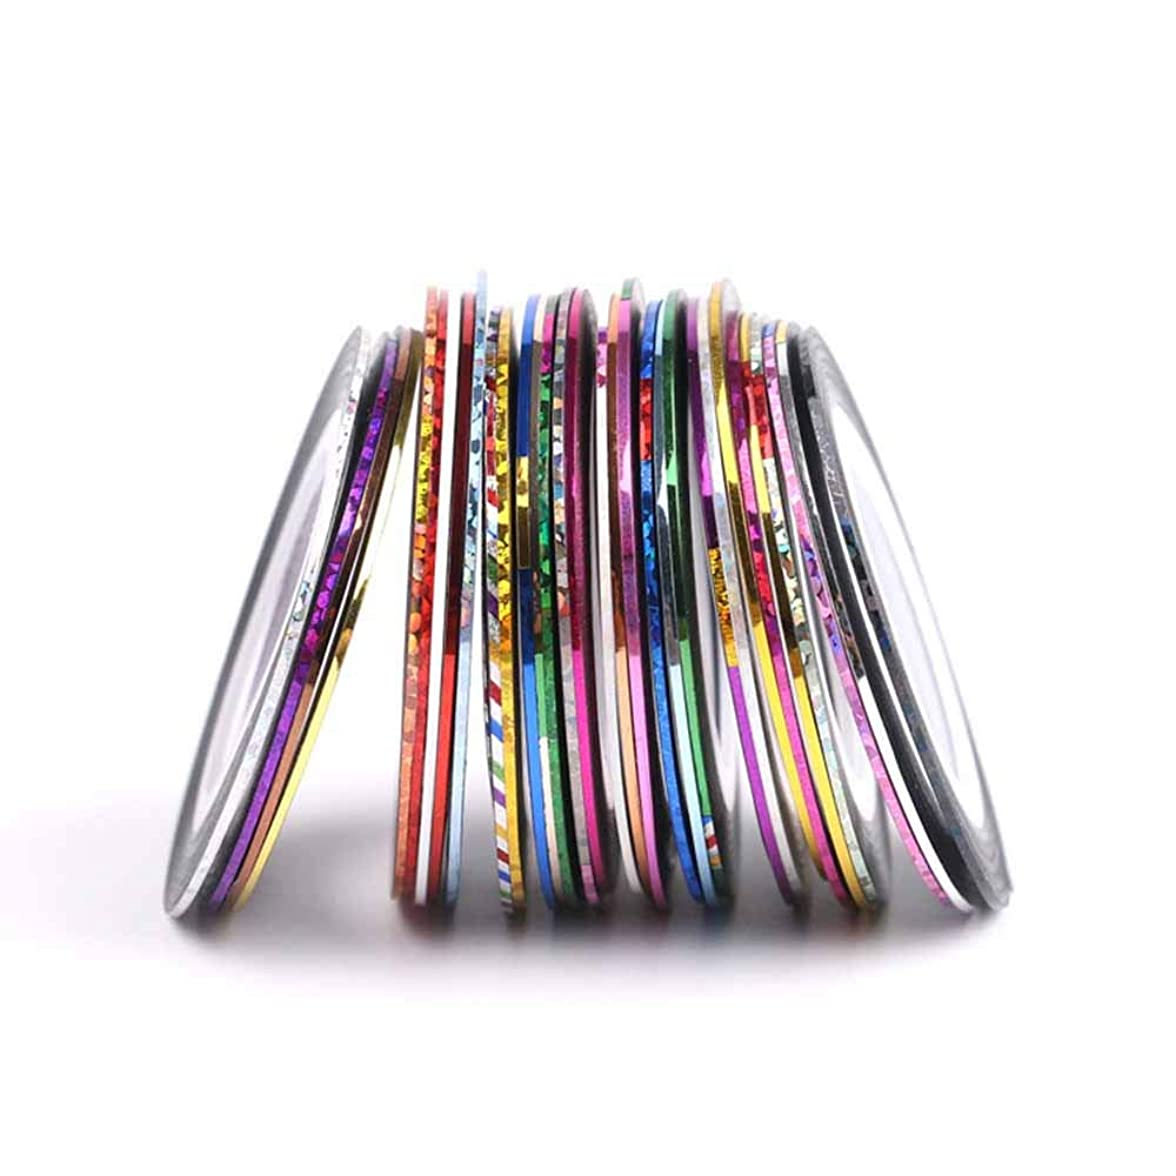 シェルター内陸パウダーOSOGODE(オソグド) ネイルアート用 ラインテープ 30色セット マニキュア ネイルアートツール ラインアートテープ ネイルケアセット